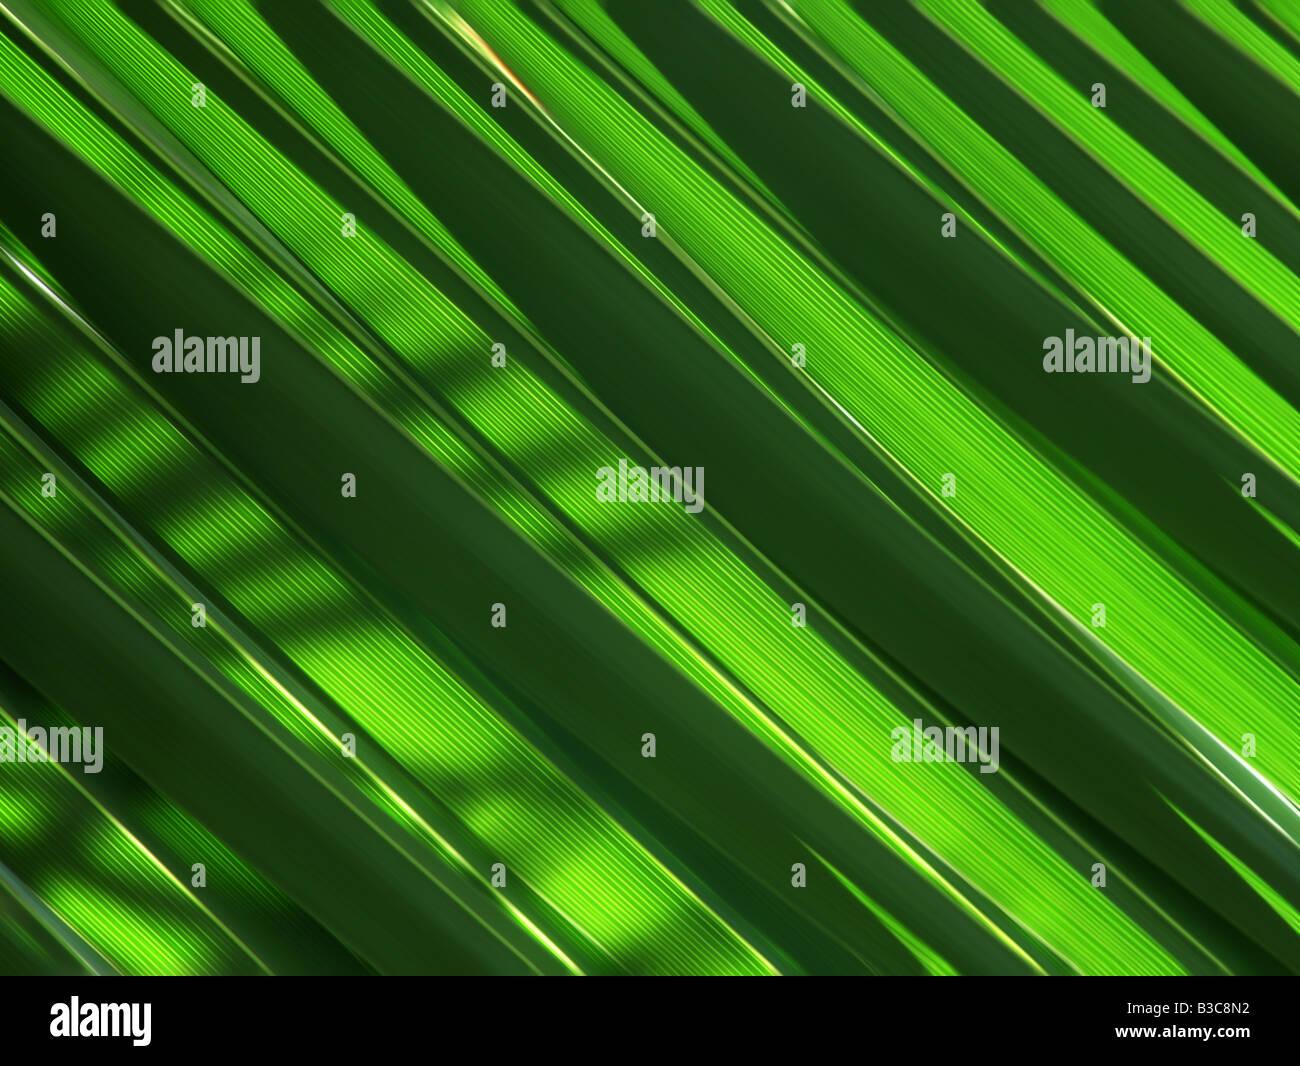 Hojas de palma verde hoja fresca sombra de luz verde de plantas exóticas, verde, hojas de palma, antecedentes, frescos, hojas, palmas, fondo Foto de stock